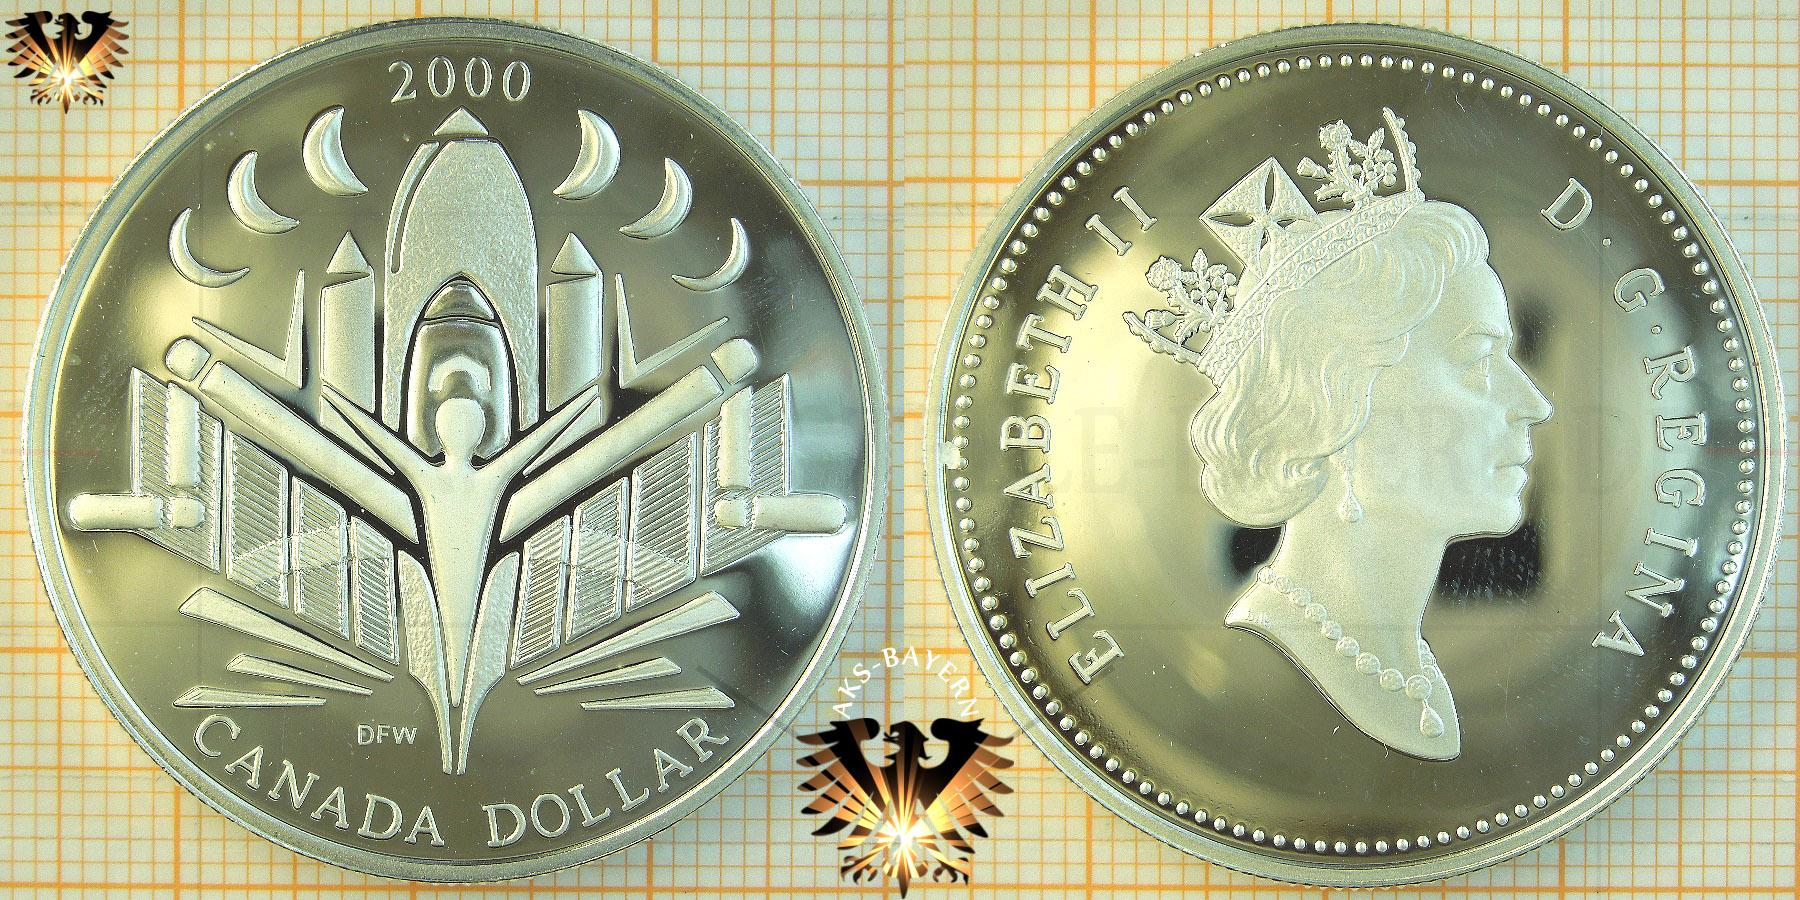 1 Dollar Canada Dollar 2000 Elizabeth Ii Voyage Of Discovery Silver